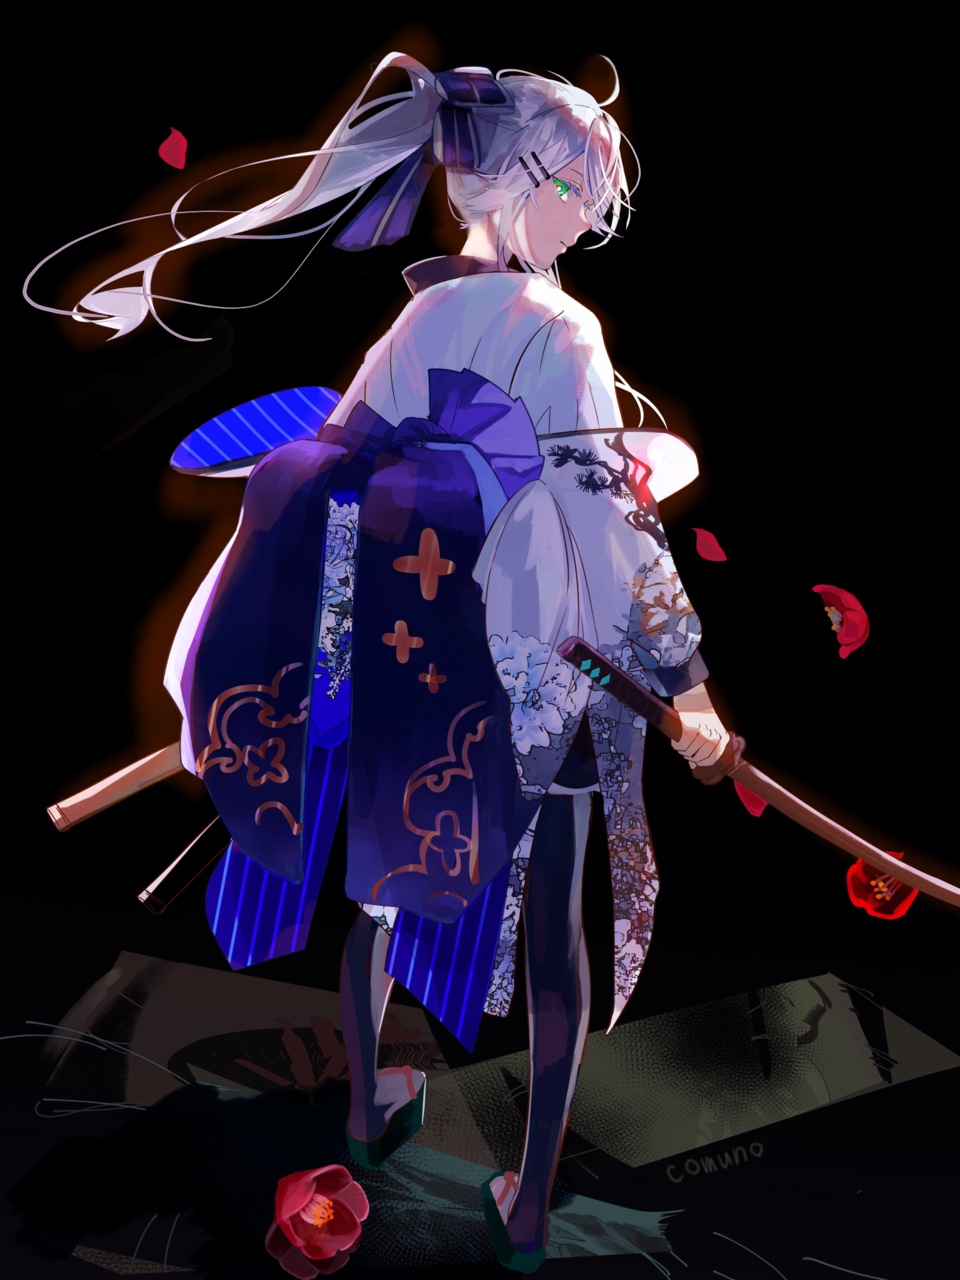 積み重なった Illust of Comuno / Ningen❸ 刀 kimono white_hair ponytail original girl flower oc